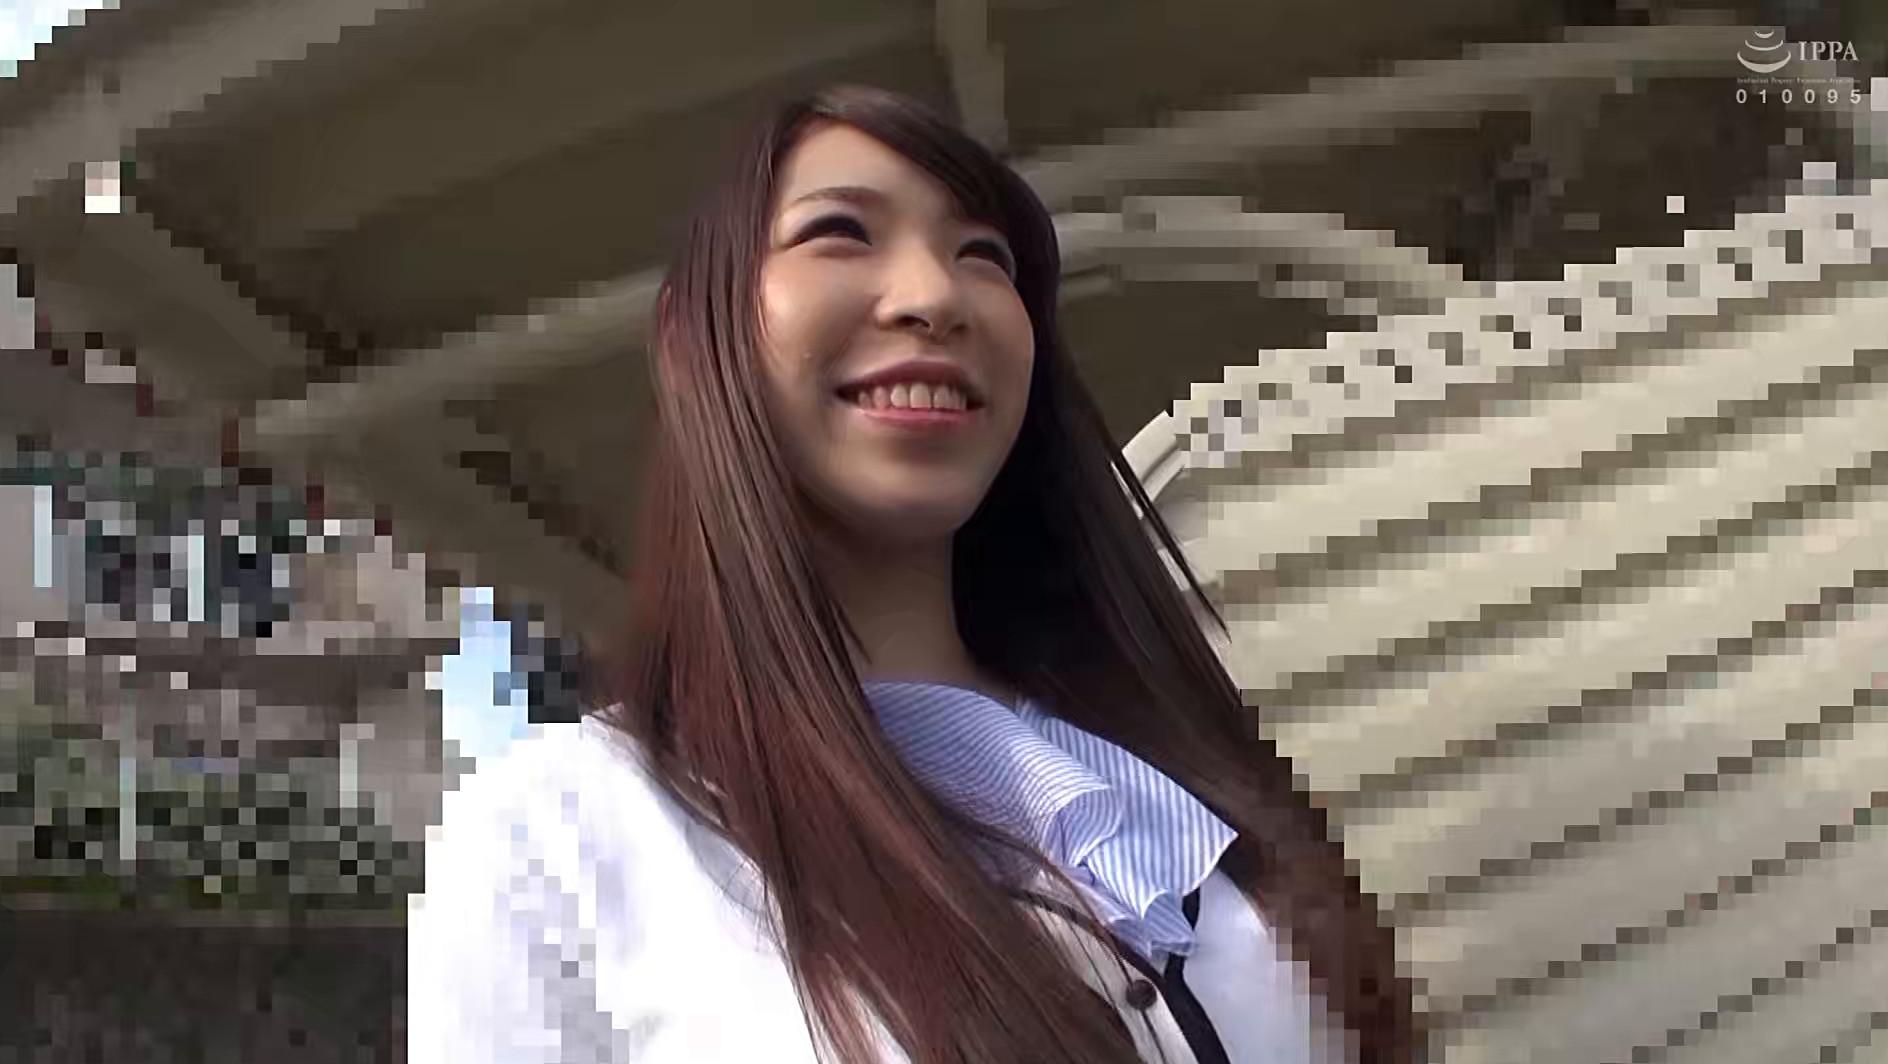 エロいお姉さんで抜くならコレ! 香山美桜BEST あなたの為に厳選! 激レアシーン多数のプレミアムセレクション!